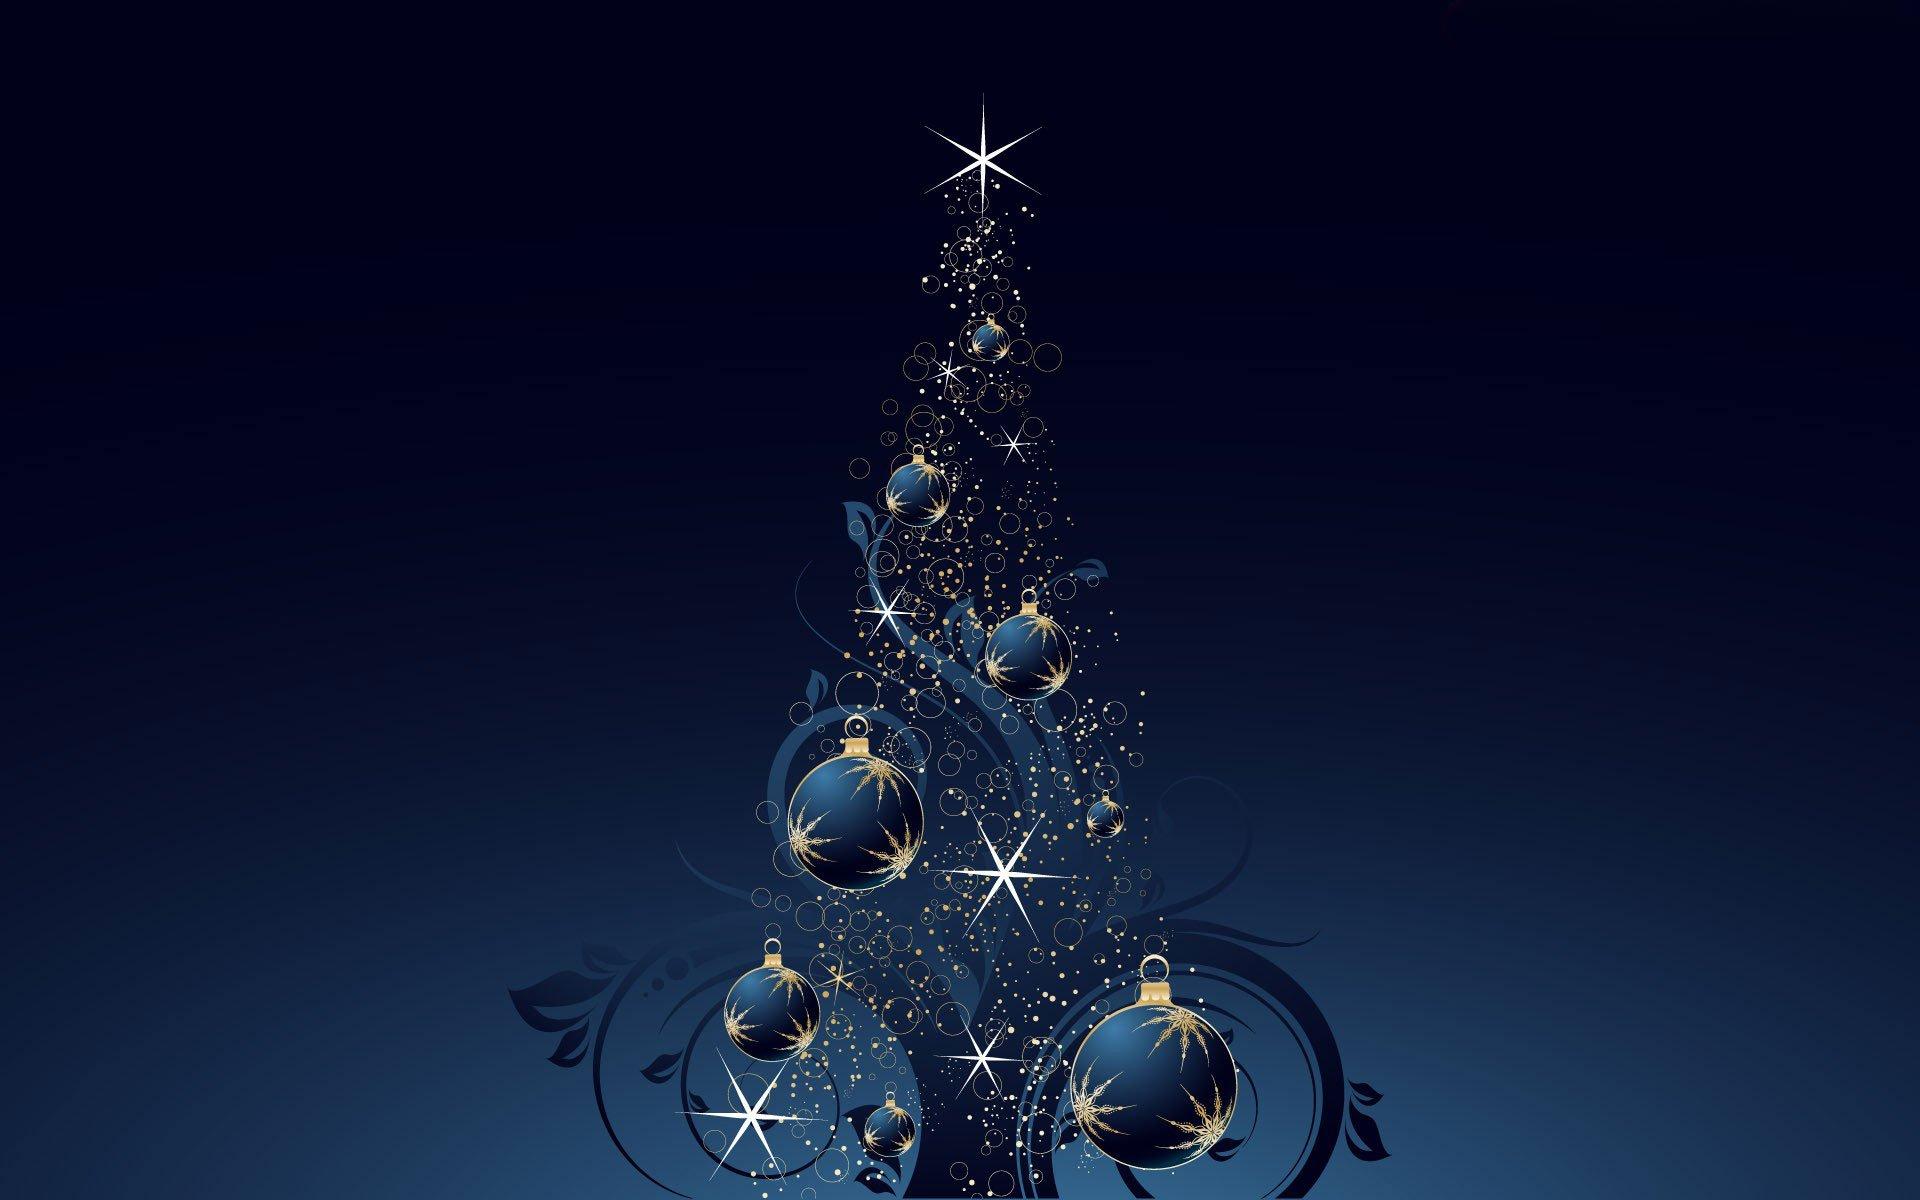 Fondos navidad hd gratis fondos de pantalla for Fondos de escritorio gratis